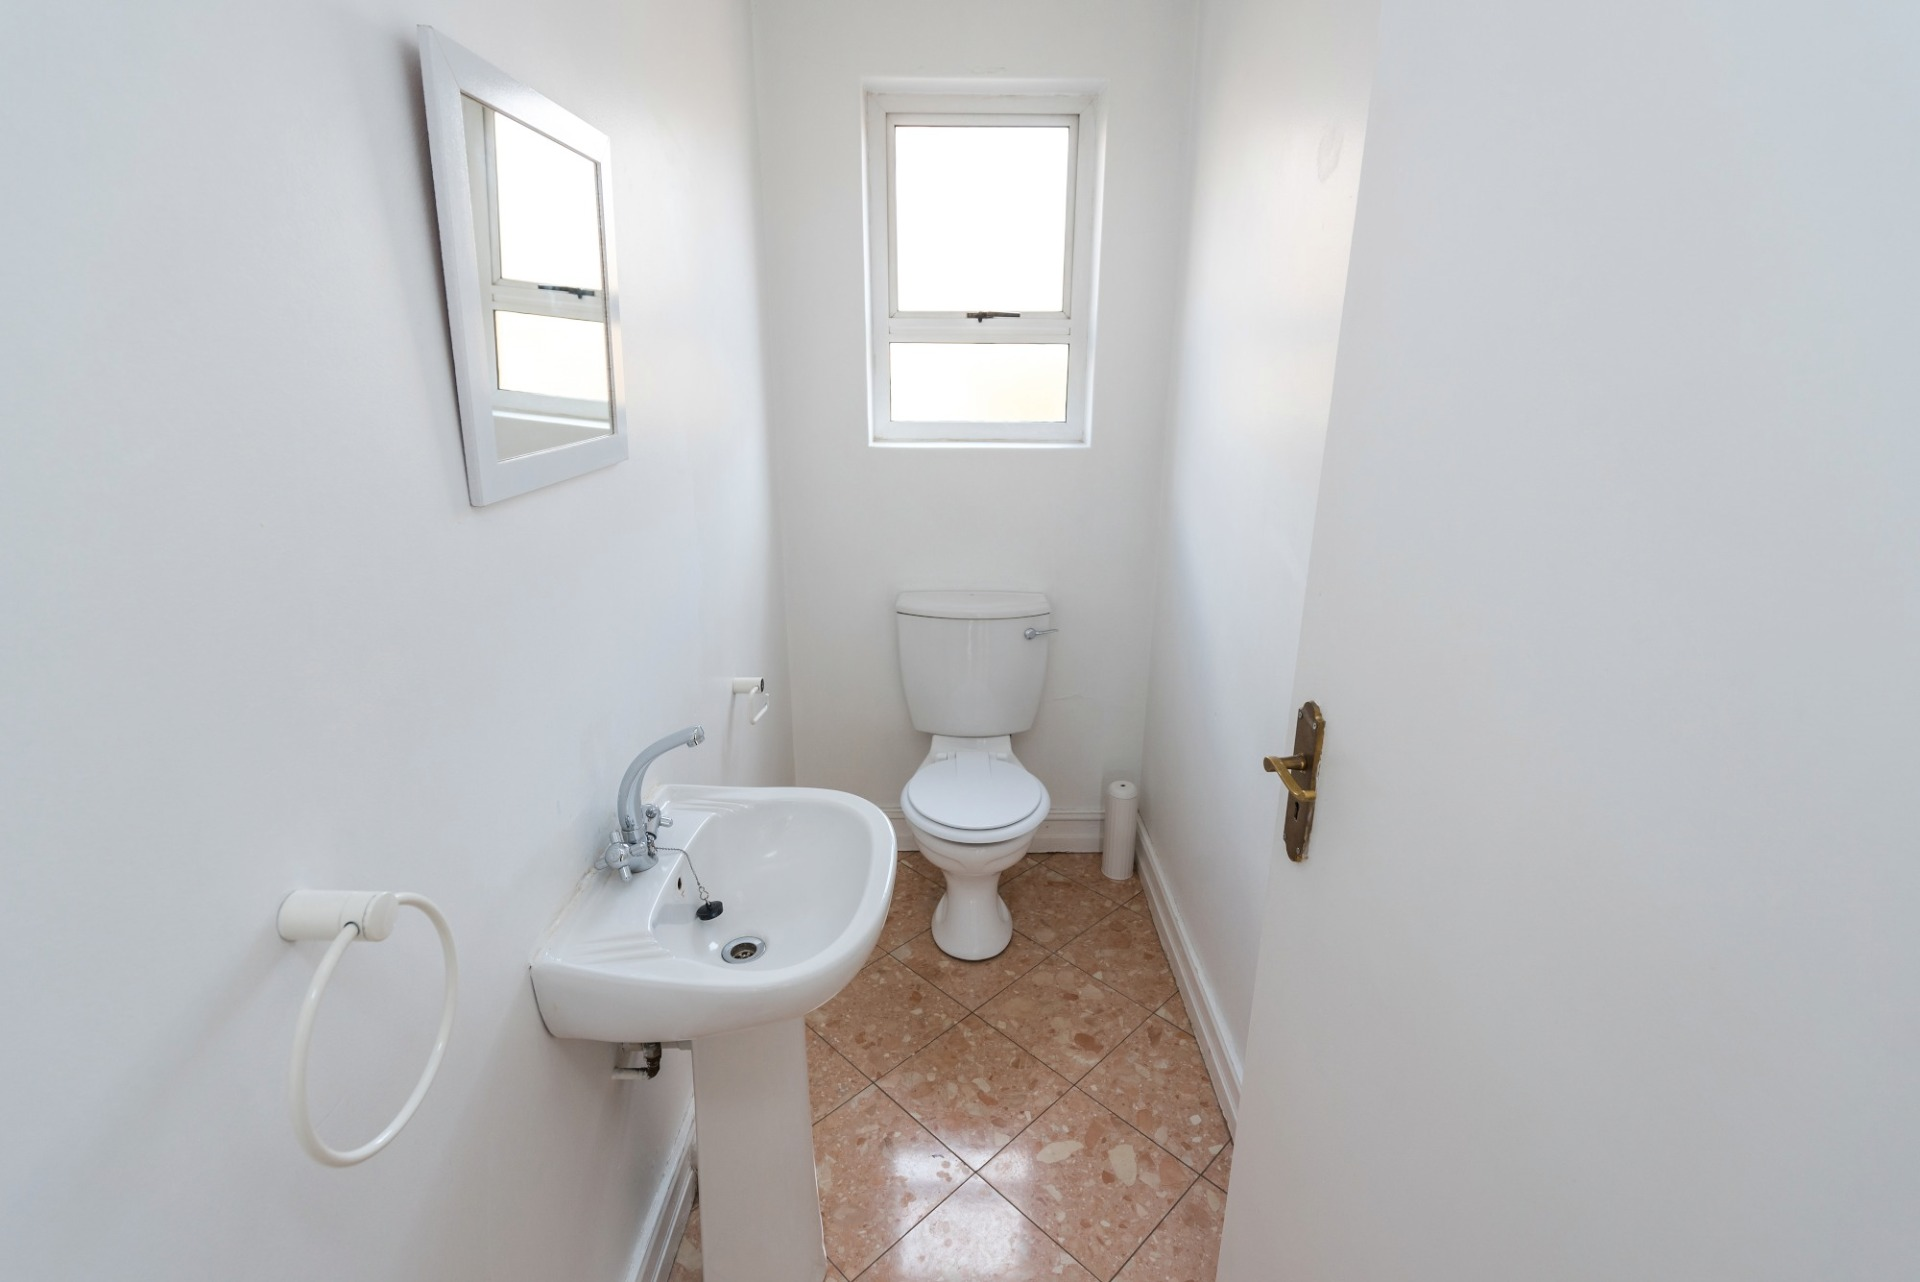 3c the riviera robert toilet.jpeg